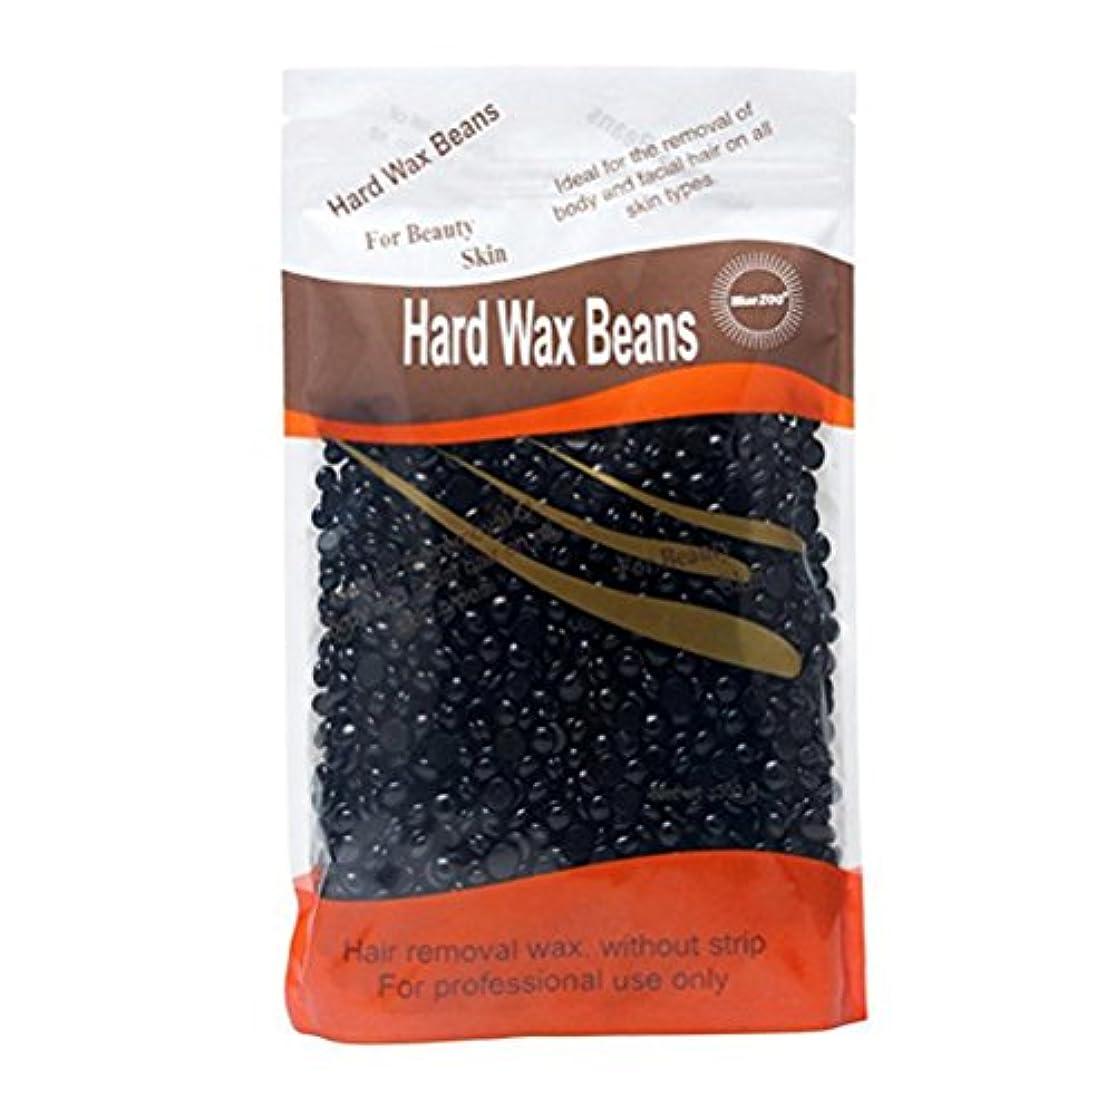 石膏バナー透過性Healifty ワックスビーズ ハードビーンズ ストリップ脱毛 固体 粒タイプ 脱毛 除毛 ハードフィルムワックスペレット 300g(ブラック)